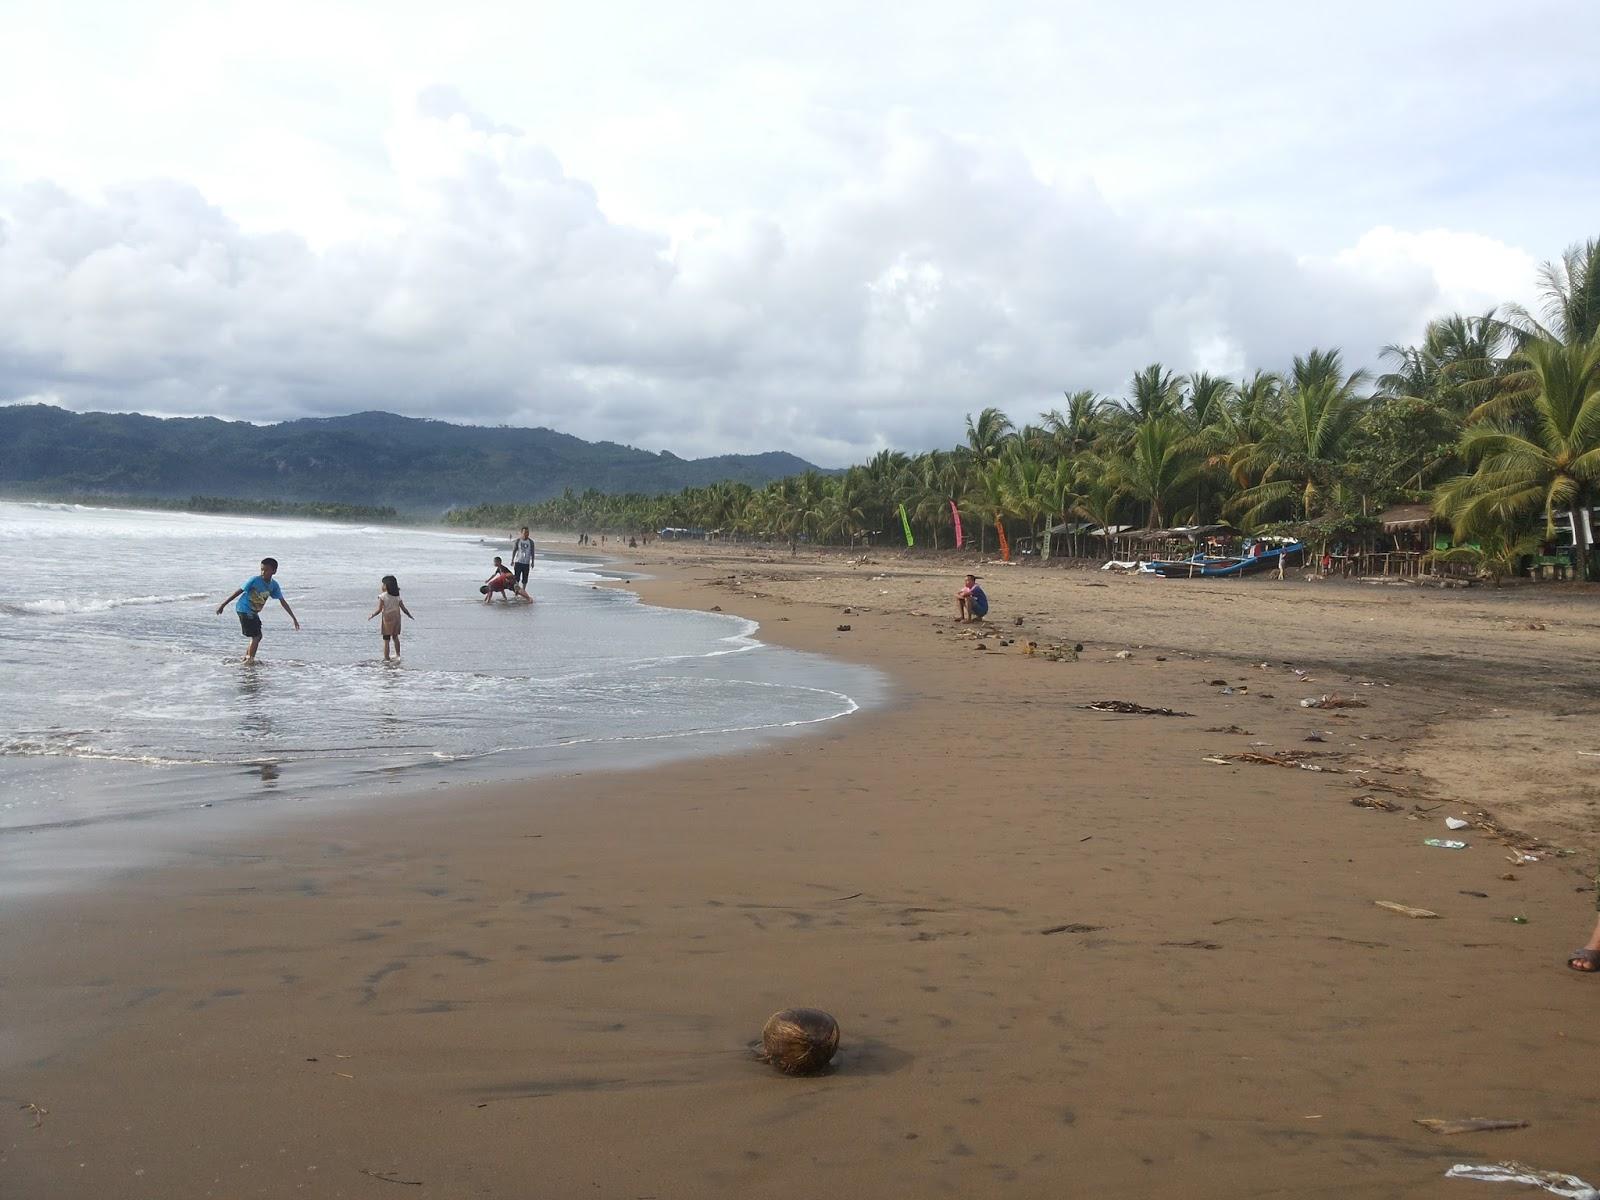 Reni Dwi Astuti Indahnya Sunset Pantai Konang Trenggalek Http Www